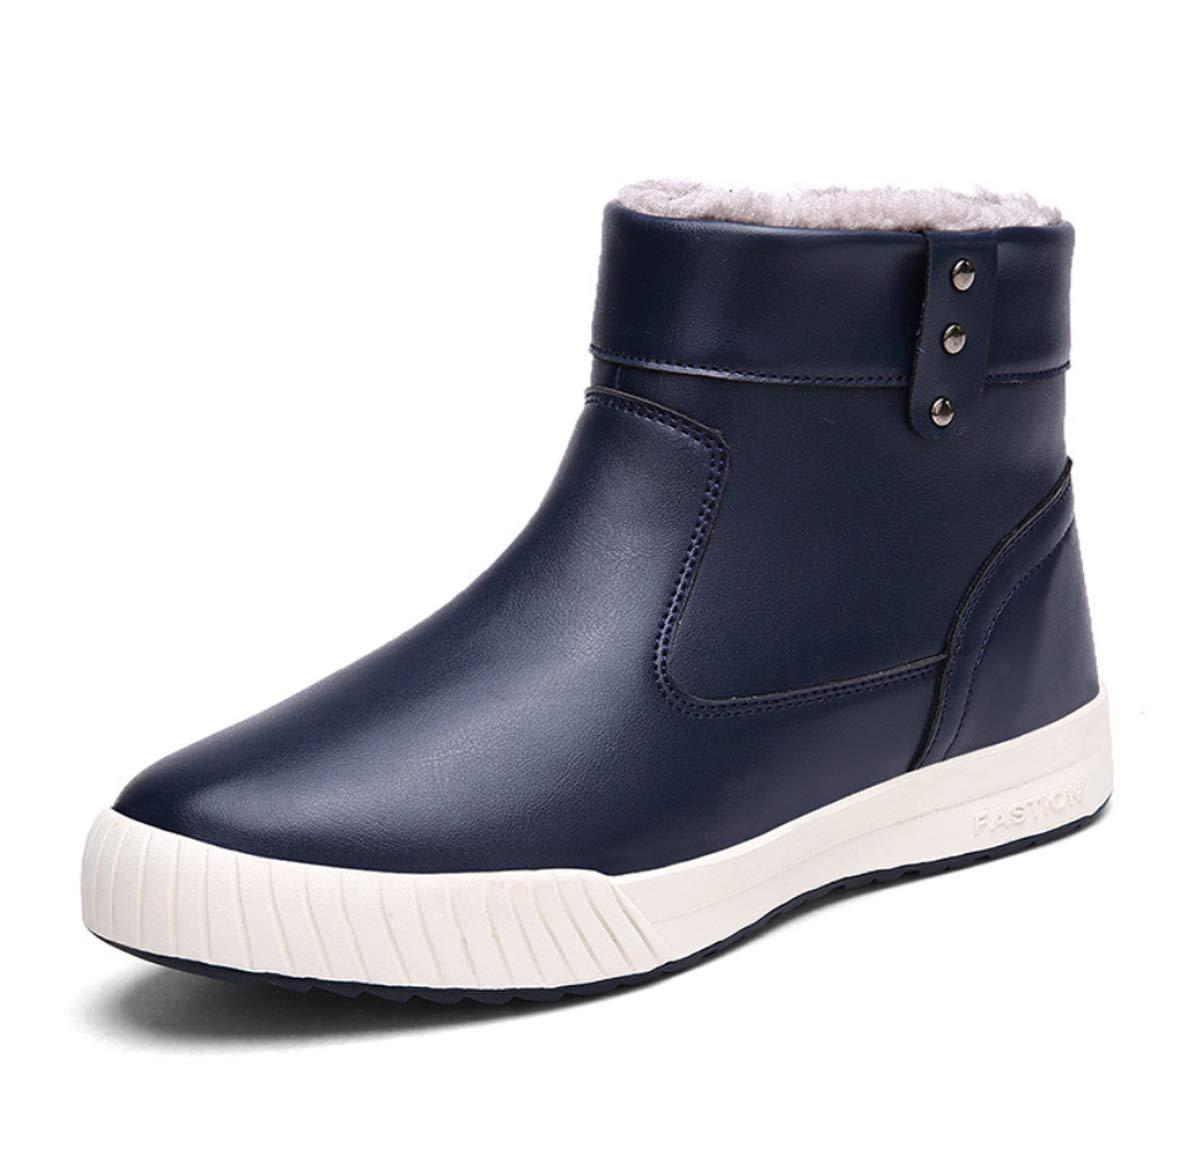 DANDANJIE Herren Schneeschuhe Winter warme Schuhe mit Reißverschluss High-Top Rutschfeste Turnschuhe Casual Outdoor-Schuhe für Sport zu Fuß